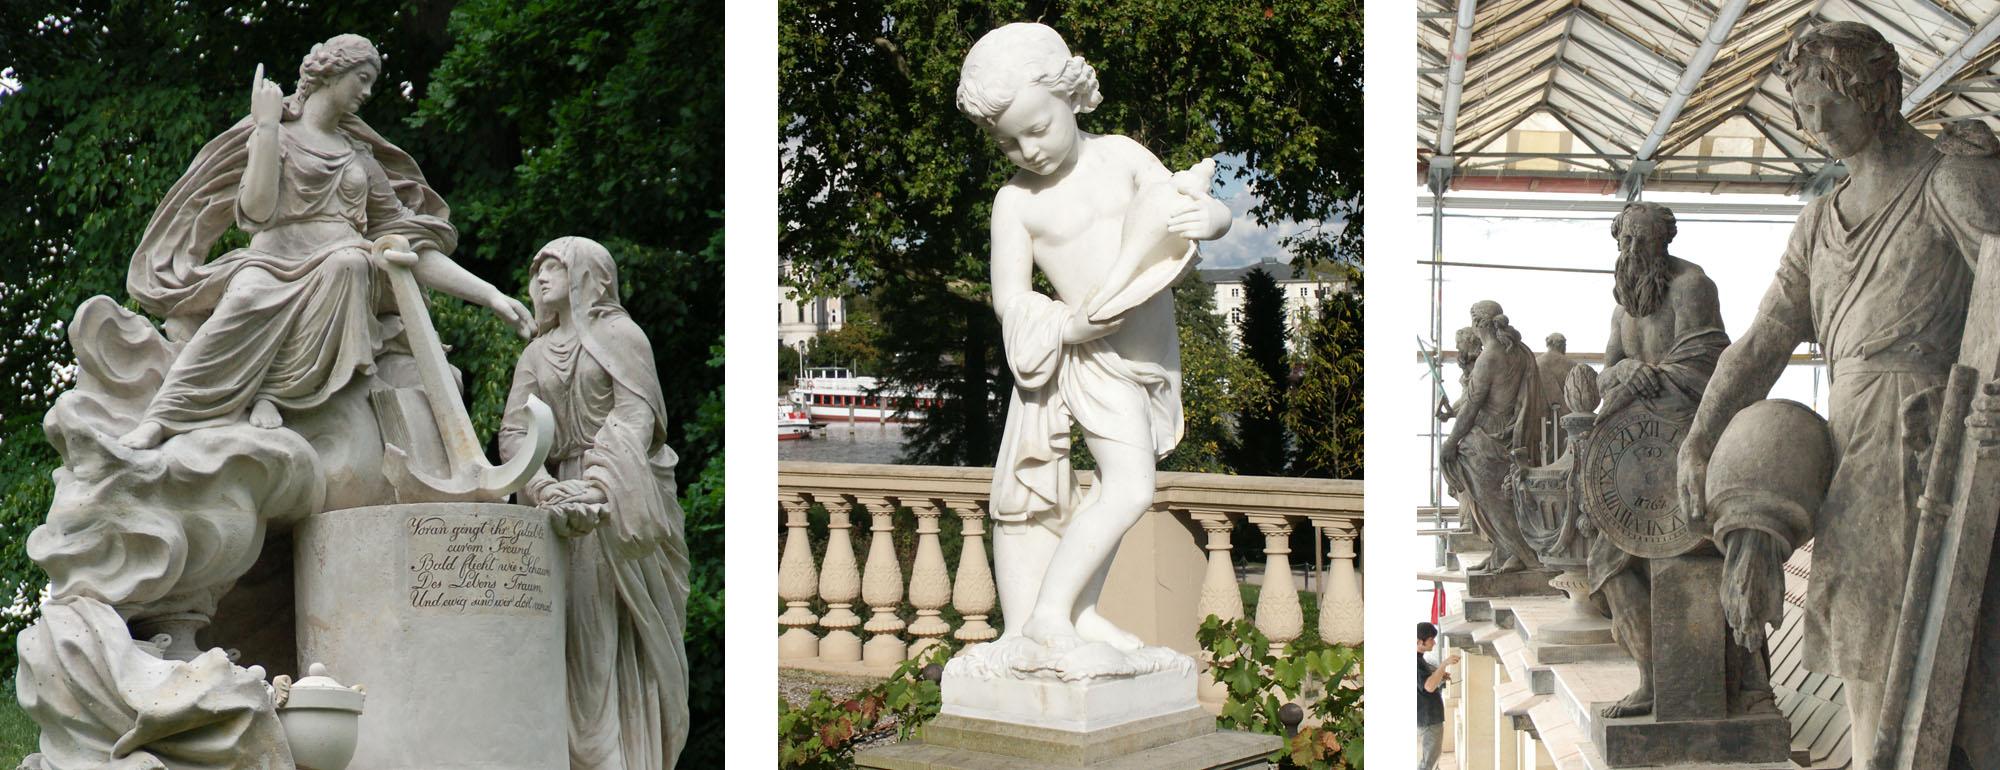 """Steinrestaurierung. Links: """"Die Hoffnung tröstet die Trauer"""", Schlosspark Hohenzieritz. Mitte: Marmorfigur von C. Genschow, Schloss Schwerin. Rechts: Attika-Figuren, Schloss Ludwigslust."""